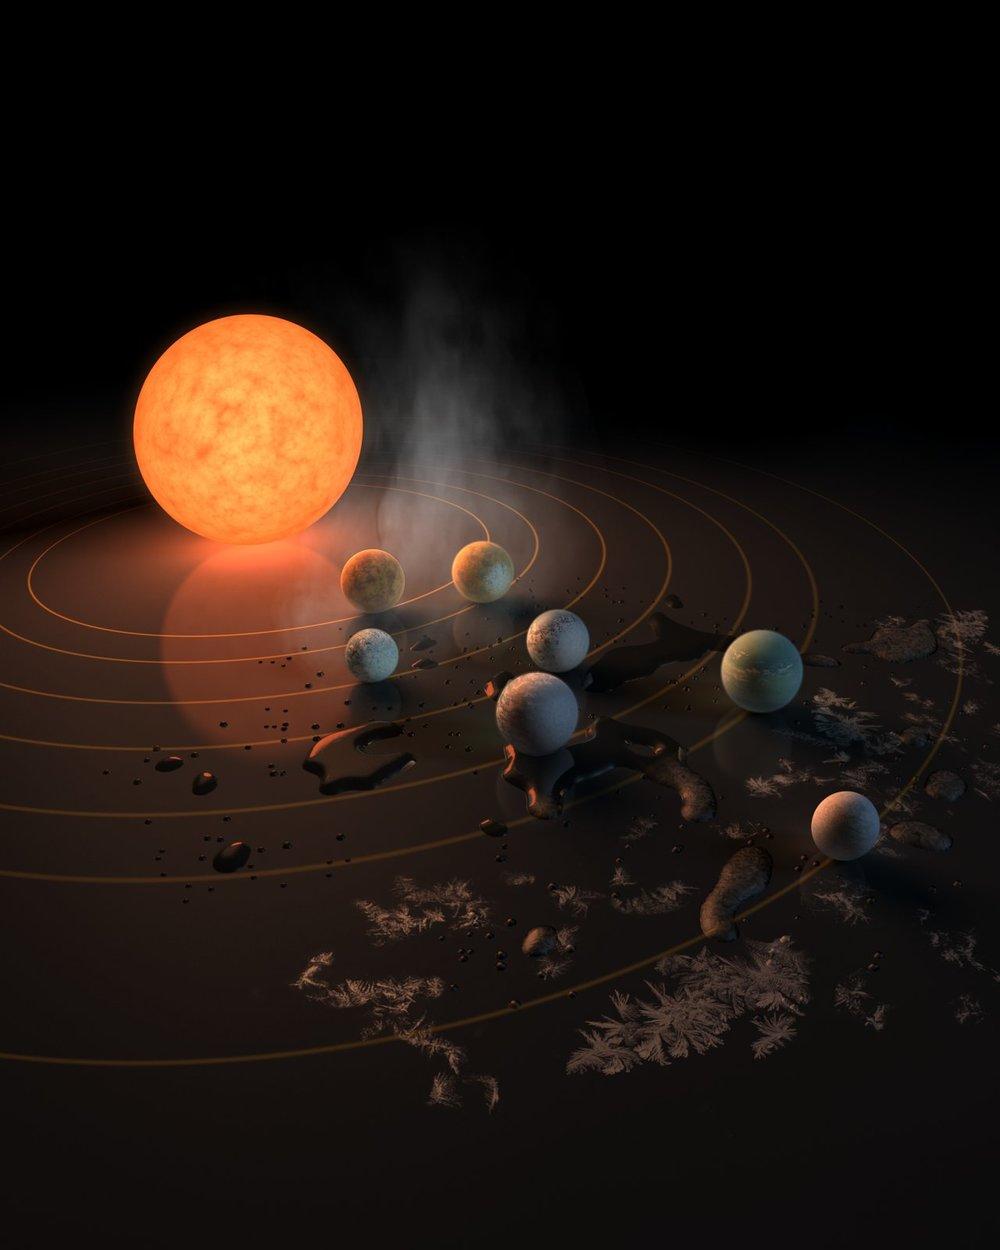 Esta impresión artística muestra a TRAPPIST-1 y a sus planetas reflejados sobre una superficie. El potencial para albergar agua en cada uno de los mundos está representado también por el hielo, las masas de agua y el vapor que rodean la escena. La imagen aparece en la portada de la revista Nature del 22 de febrero de 2017. Crédito: NASA/R. Hurt/T. Pyle